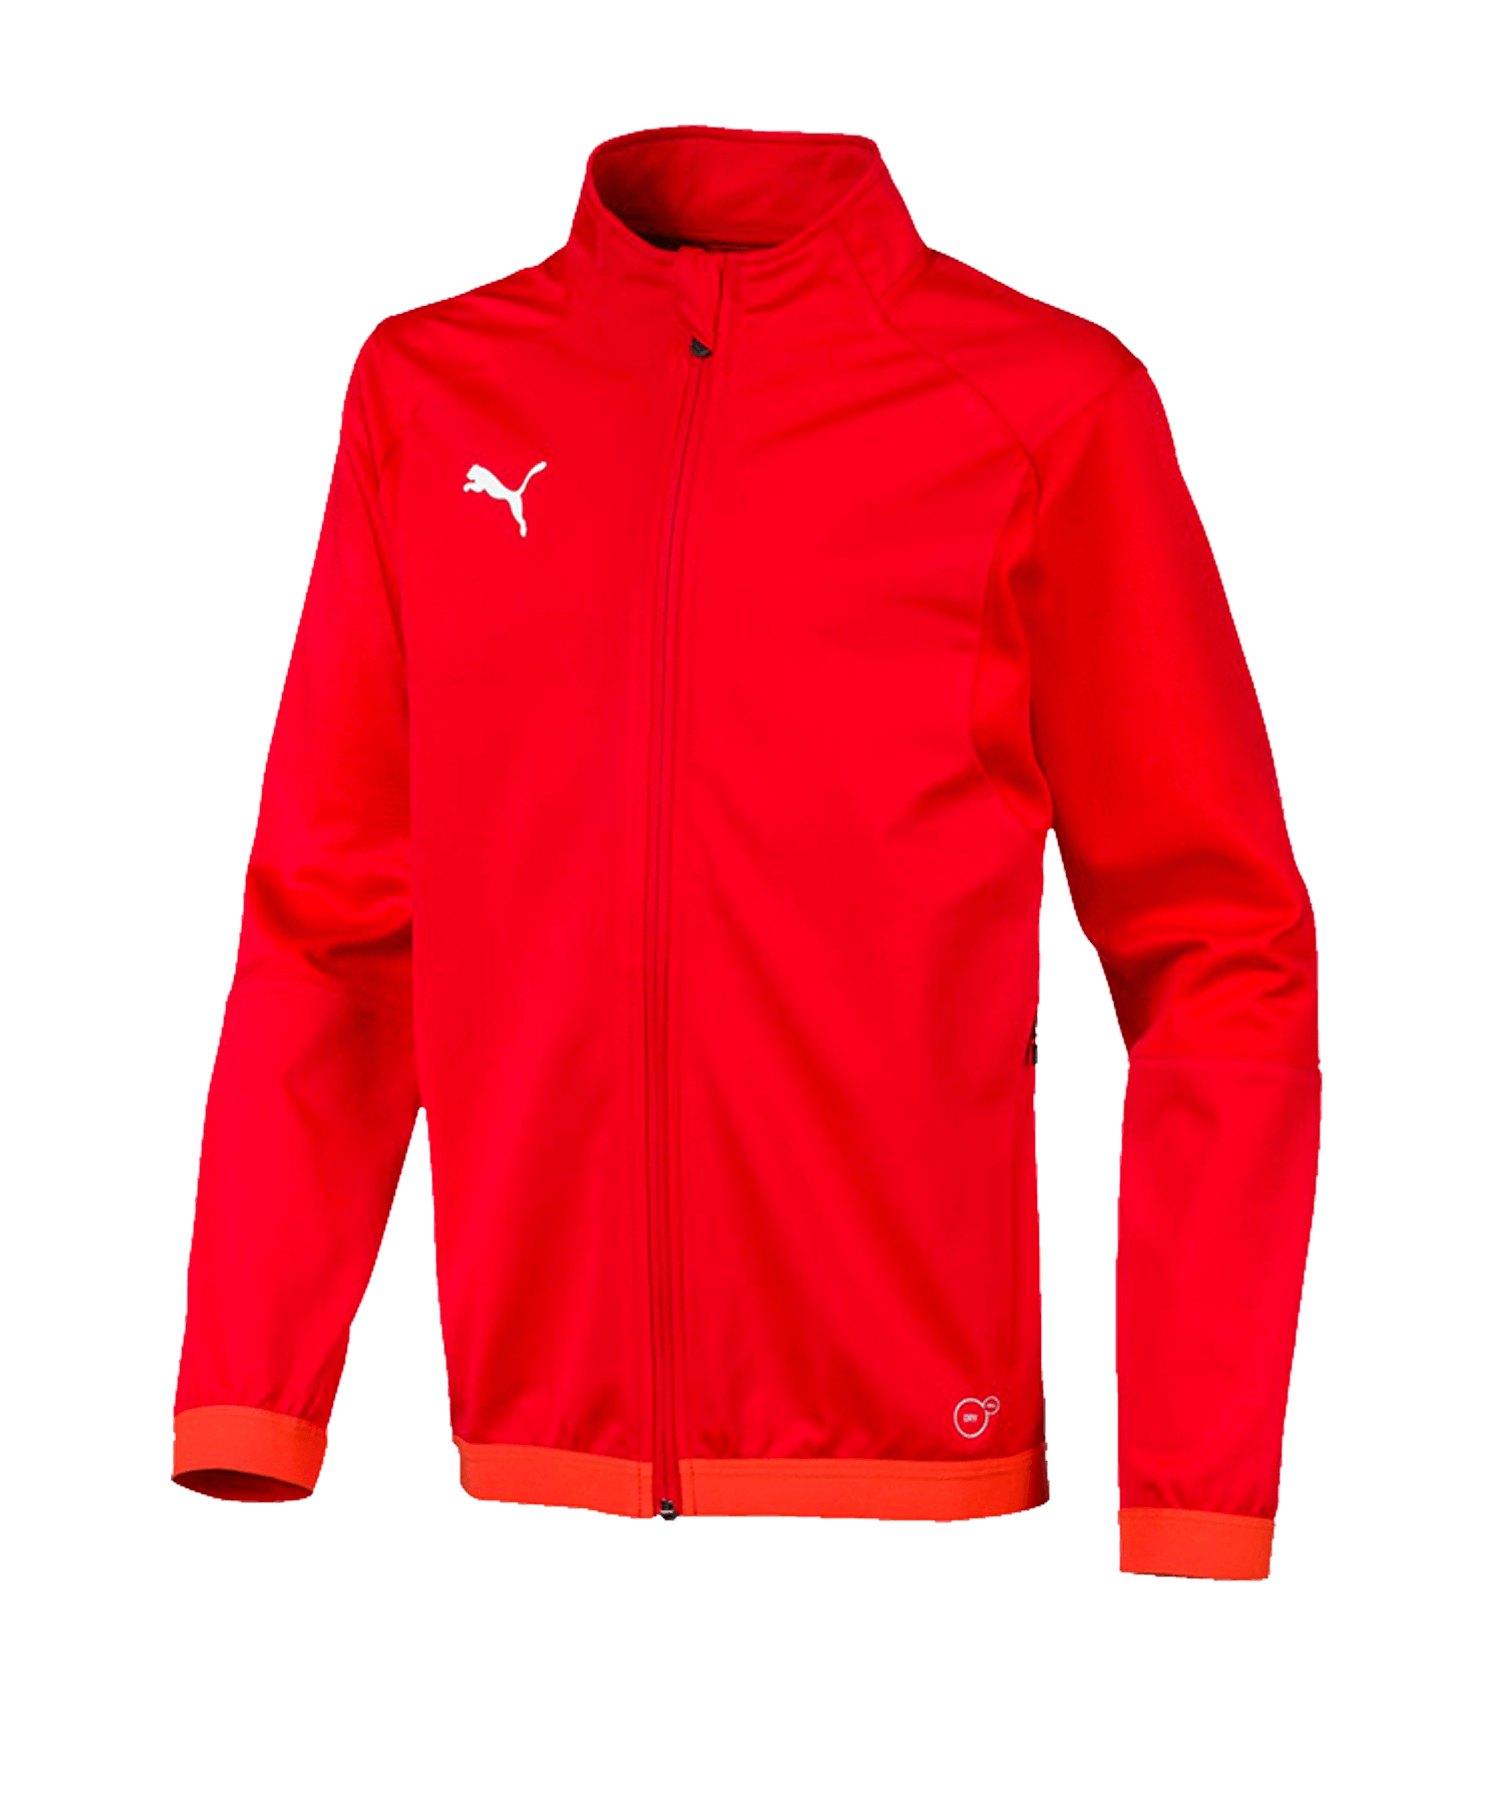 PUMA LIGA Training Jacket Trainingsjacke Kids F01 - rot